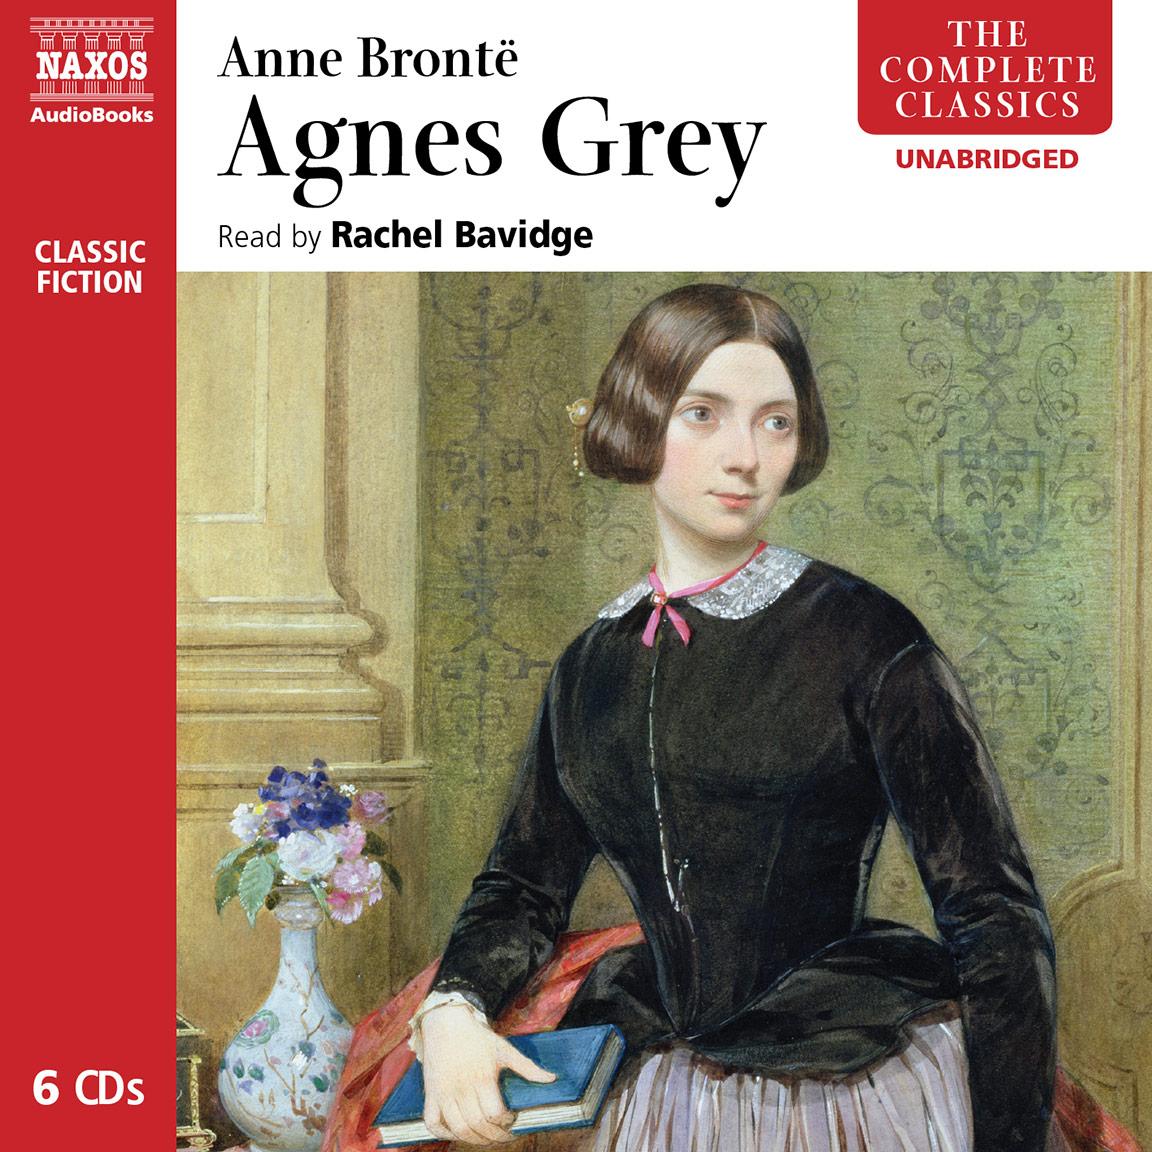 Agnes Grey (unabridged)